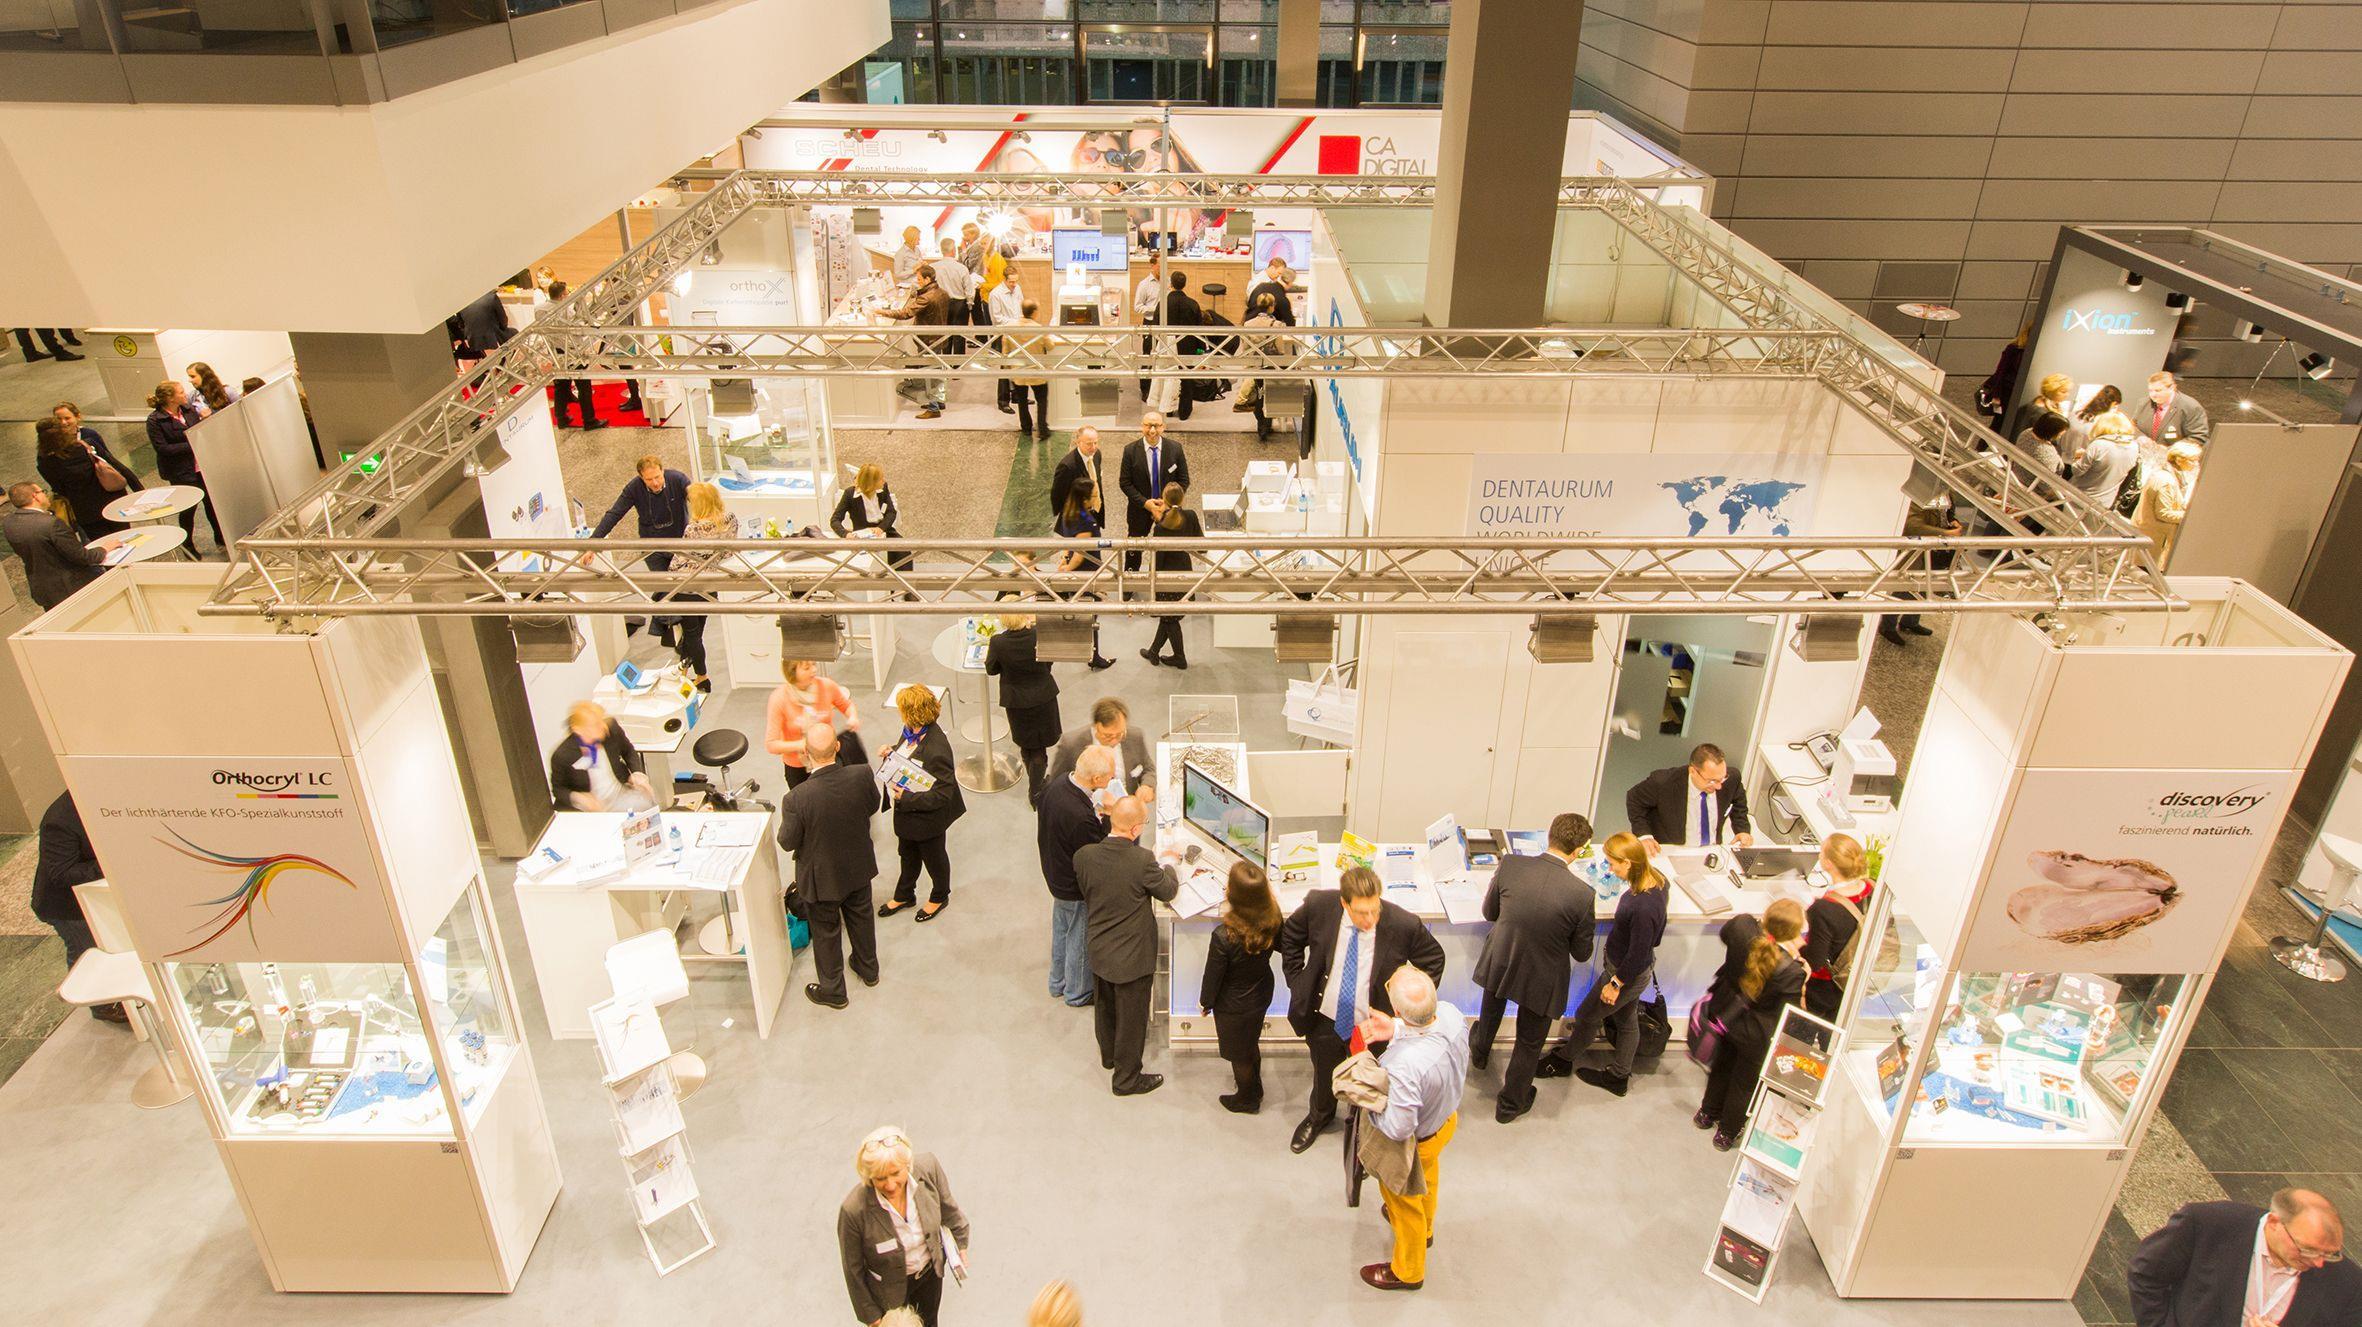 نگاهی به ساختار صنعت نمایشگاهی آلمان